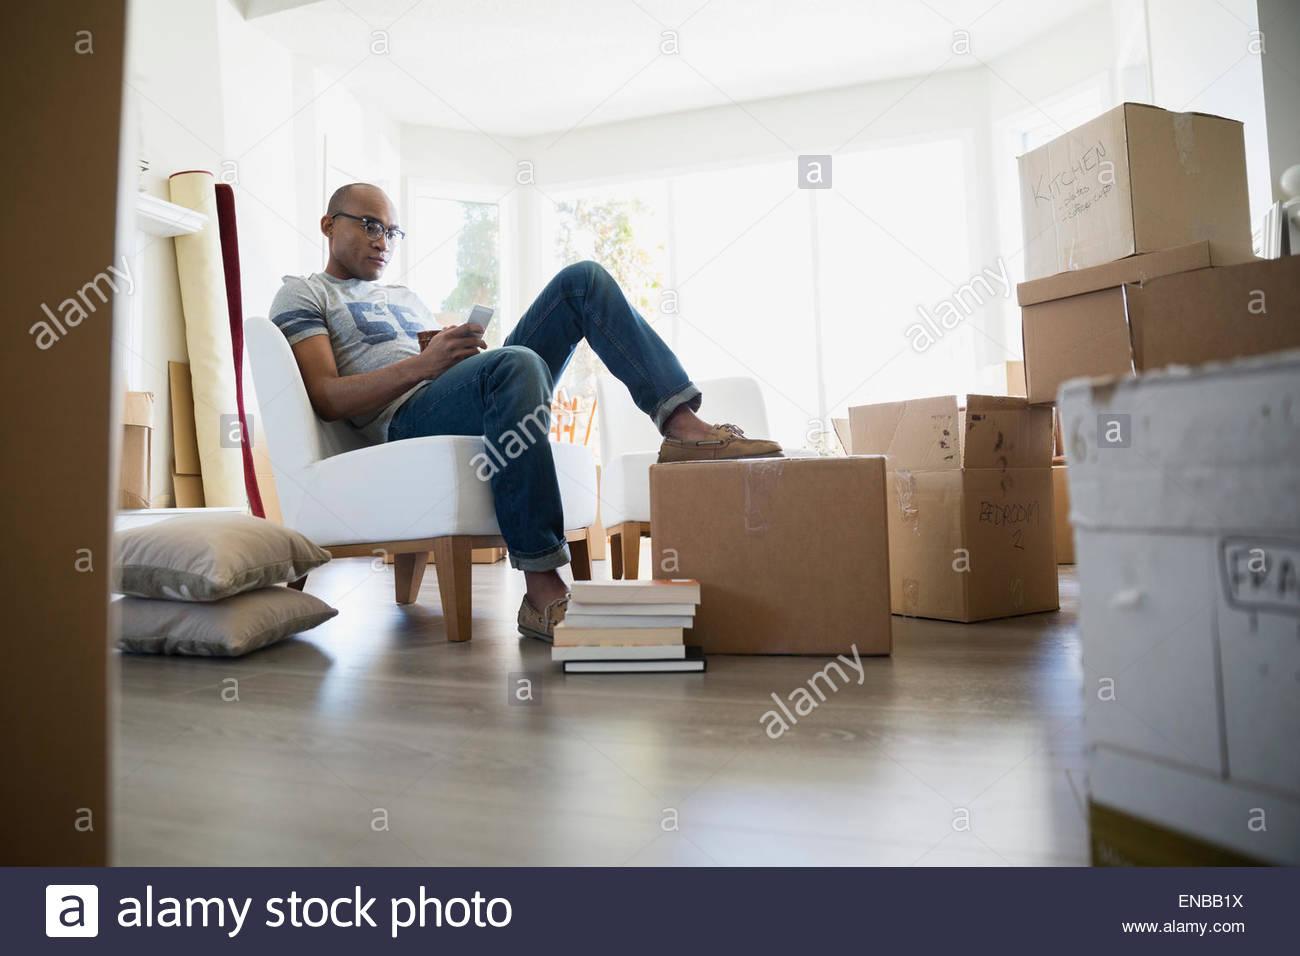 Man texting entouré par des boîtes de déménagement Photo Stock